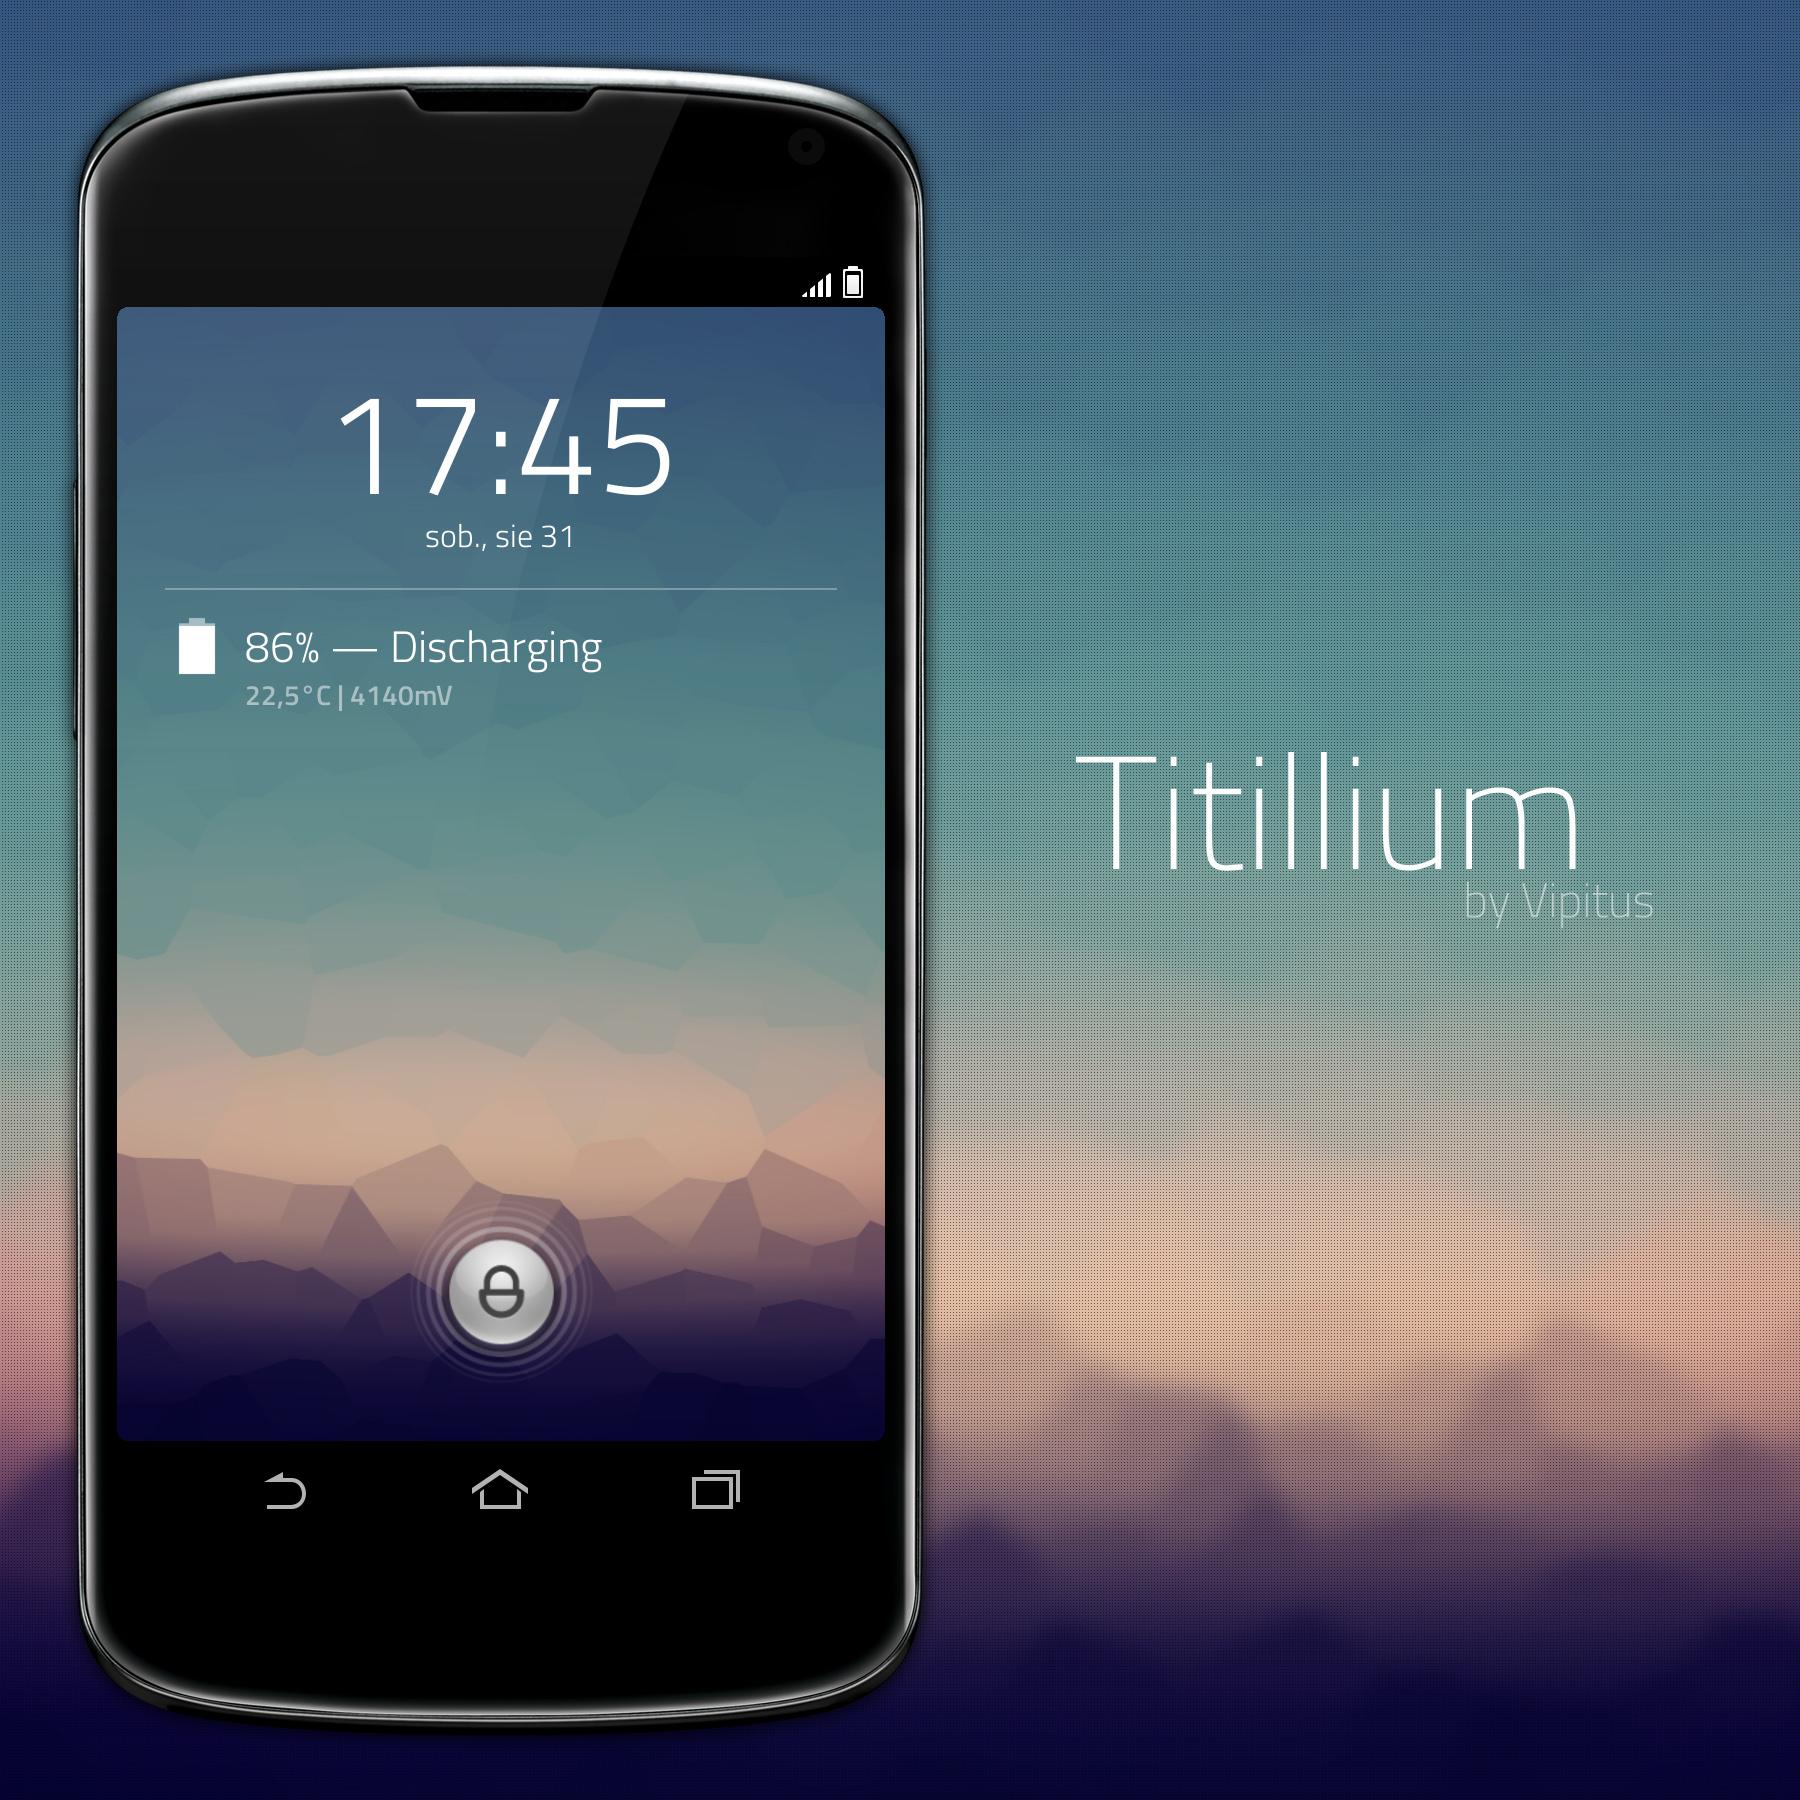 Titillium by Vipitus